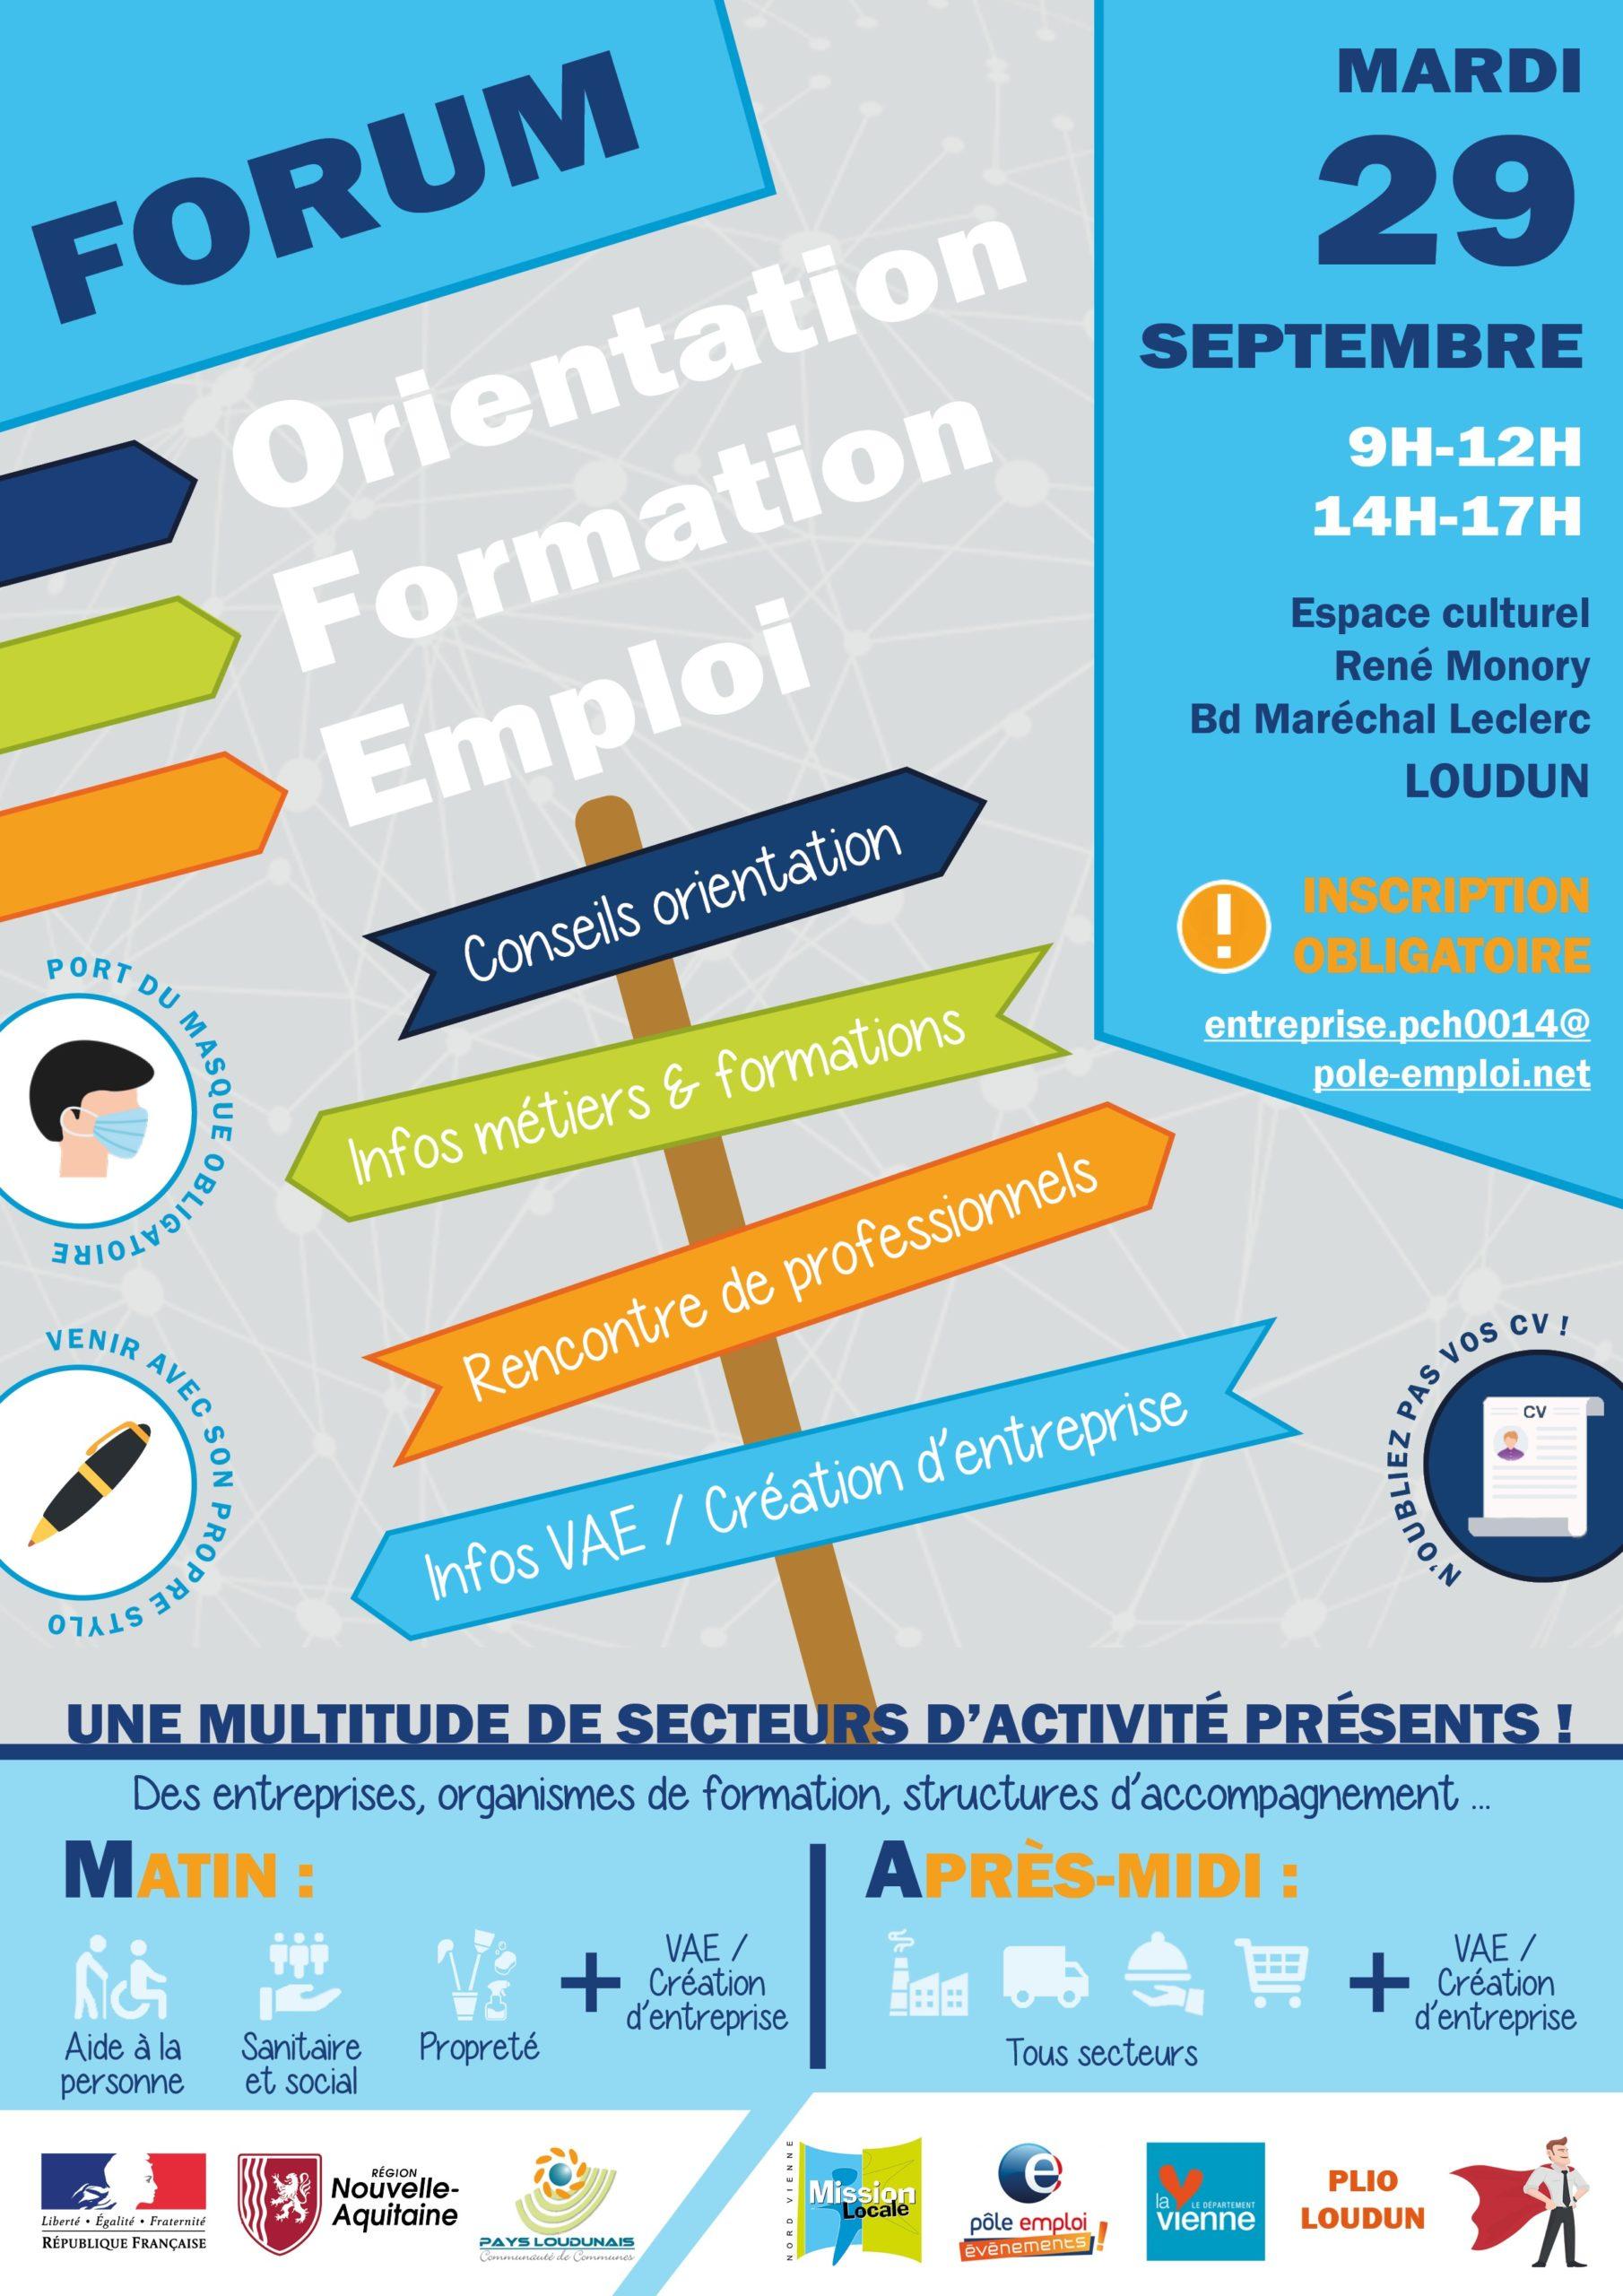 Forum Orientation Formation Emploi – 29 septembre 2020 à Loudun